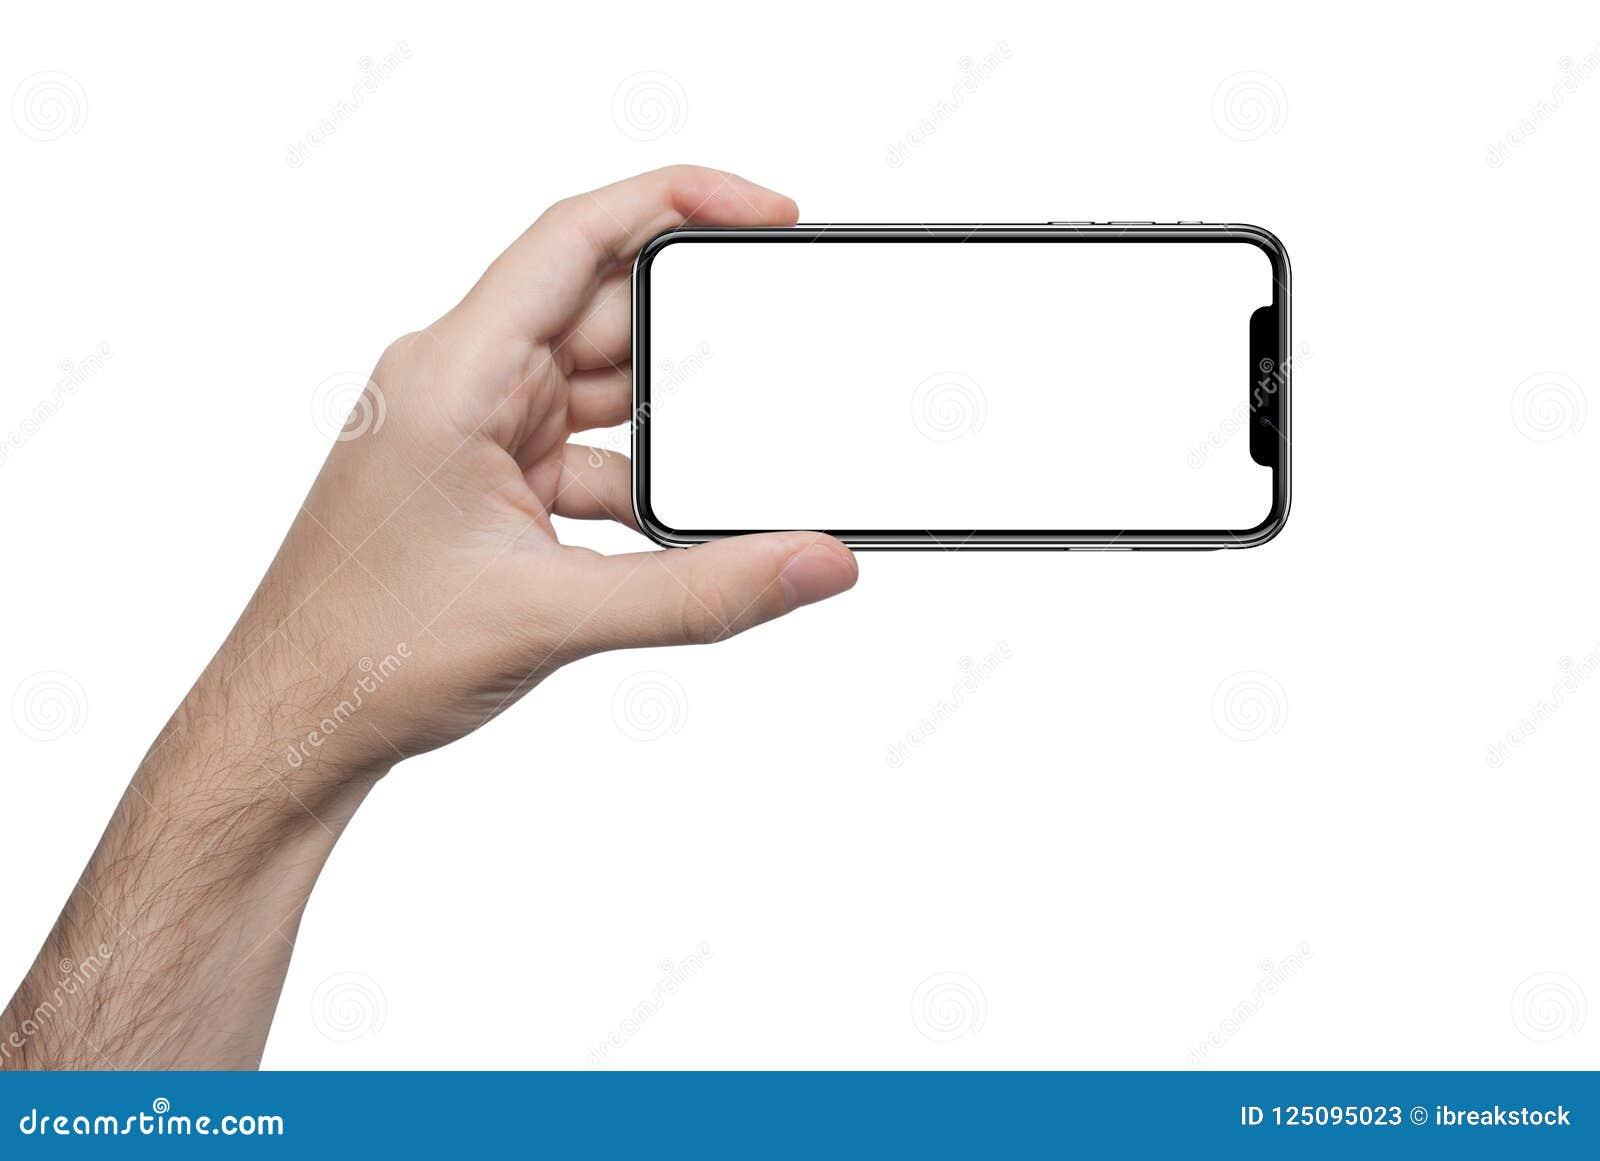 Απομονωμένο αρσενικό χέρι που κρατά την απομονωμένη τηλέφωνο οθόνη